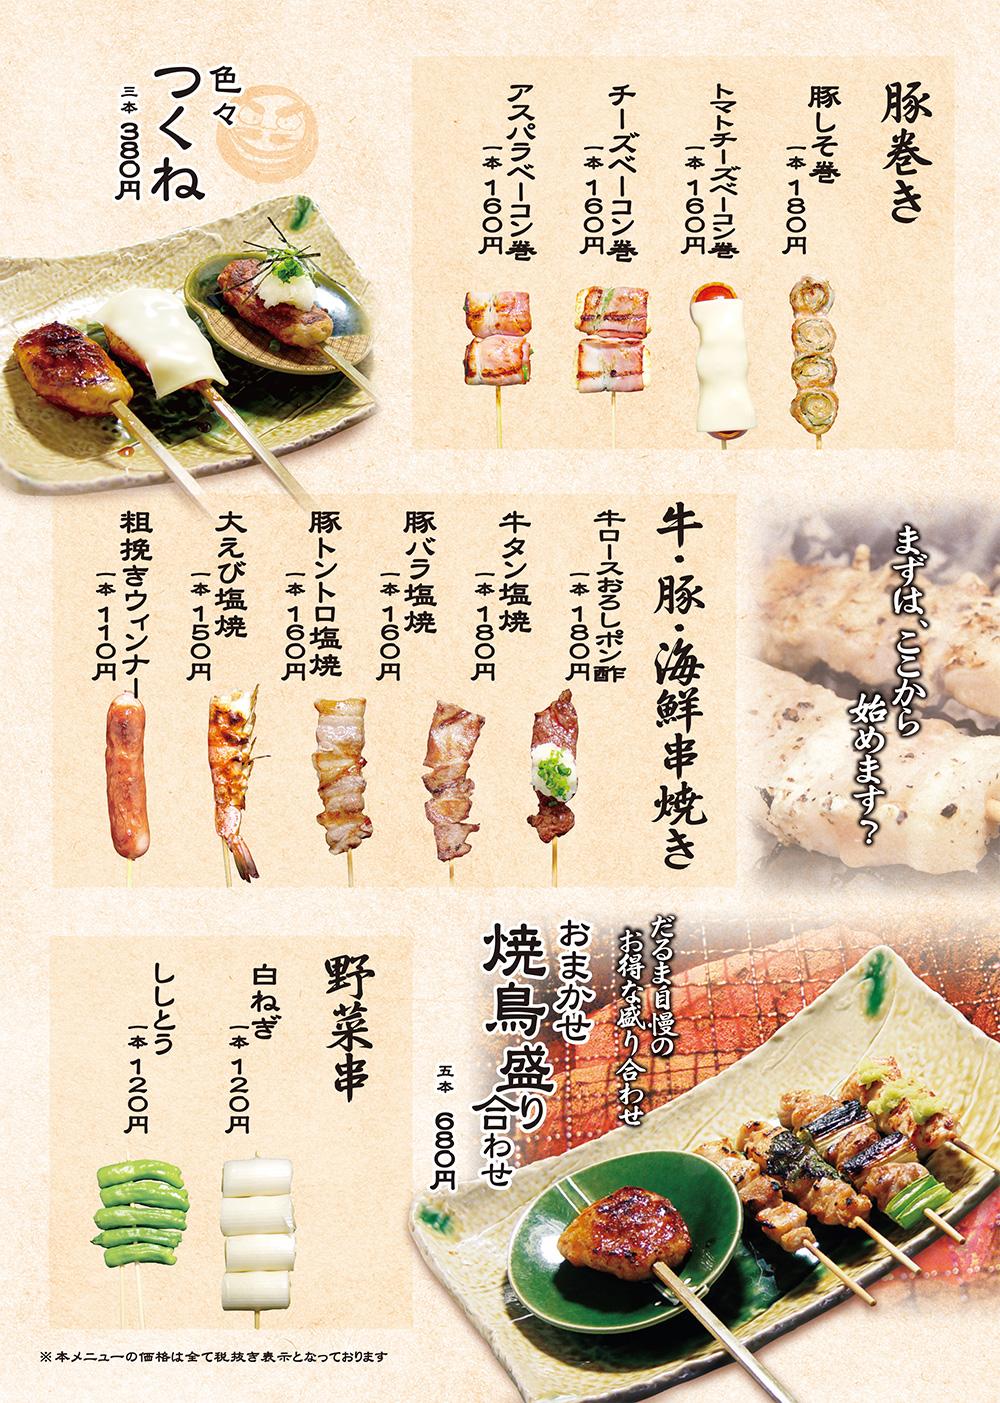 豚巻き、海鮮串焼き、野菜串